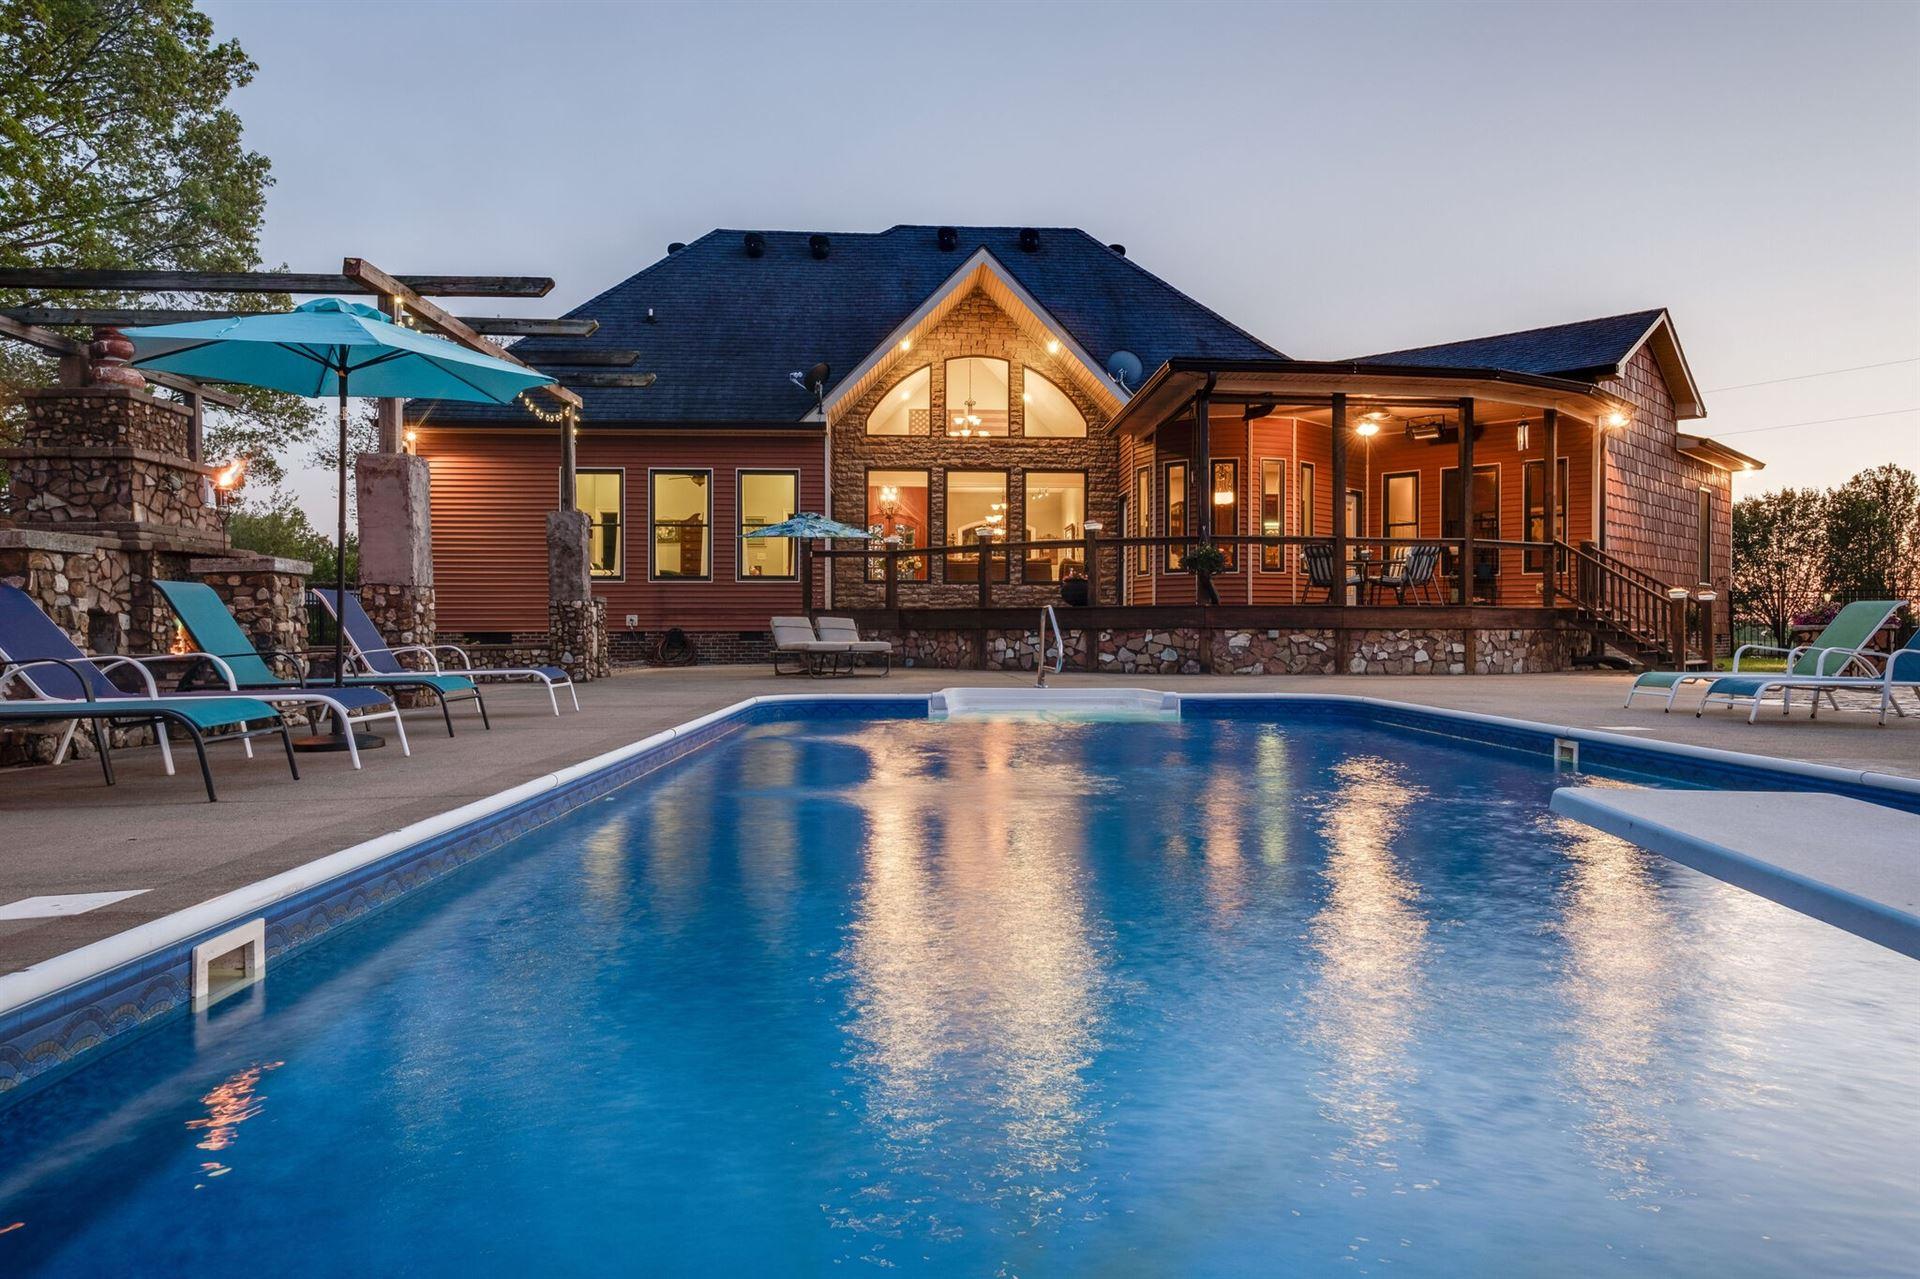 3213 Burgess Gower Rd, Cedar Hill, TN 37032 - MLS#: 2249104